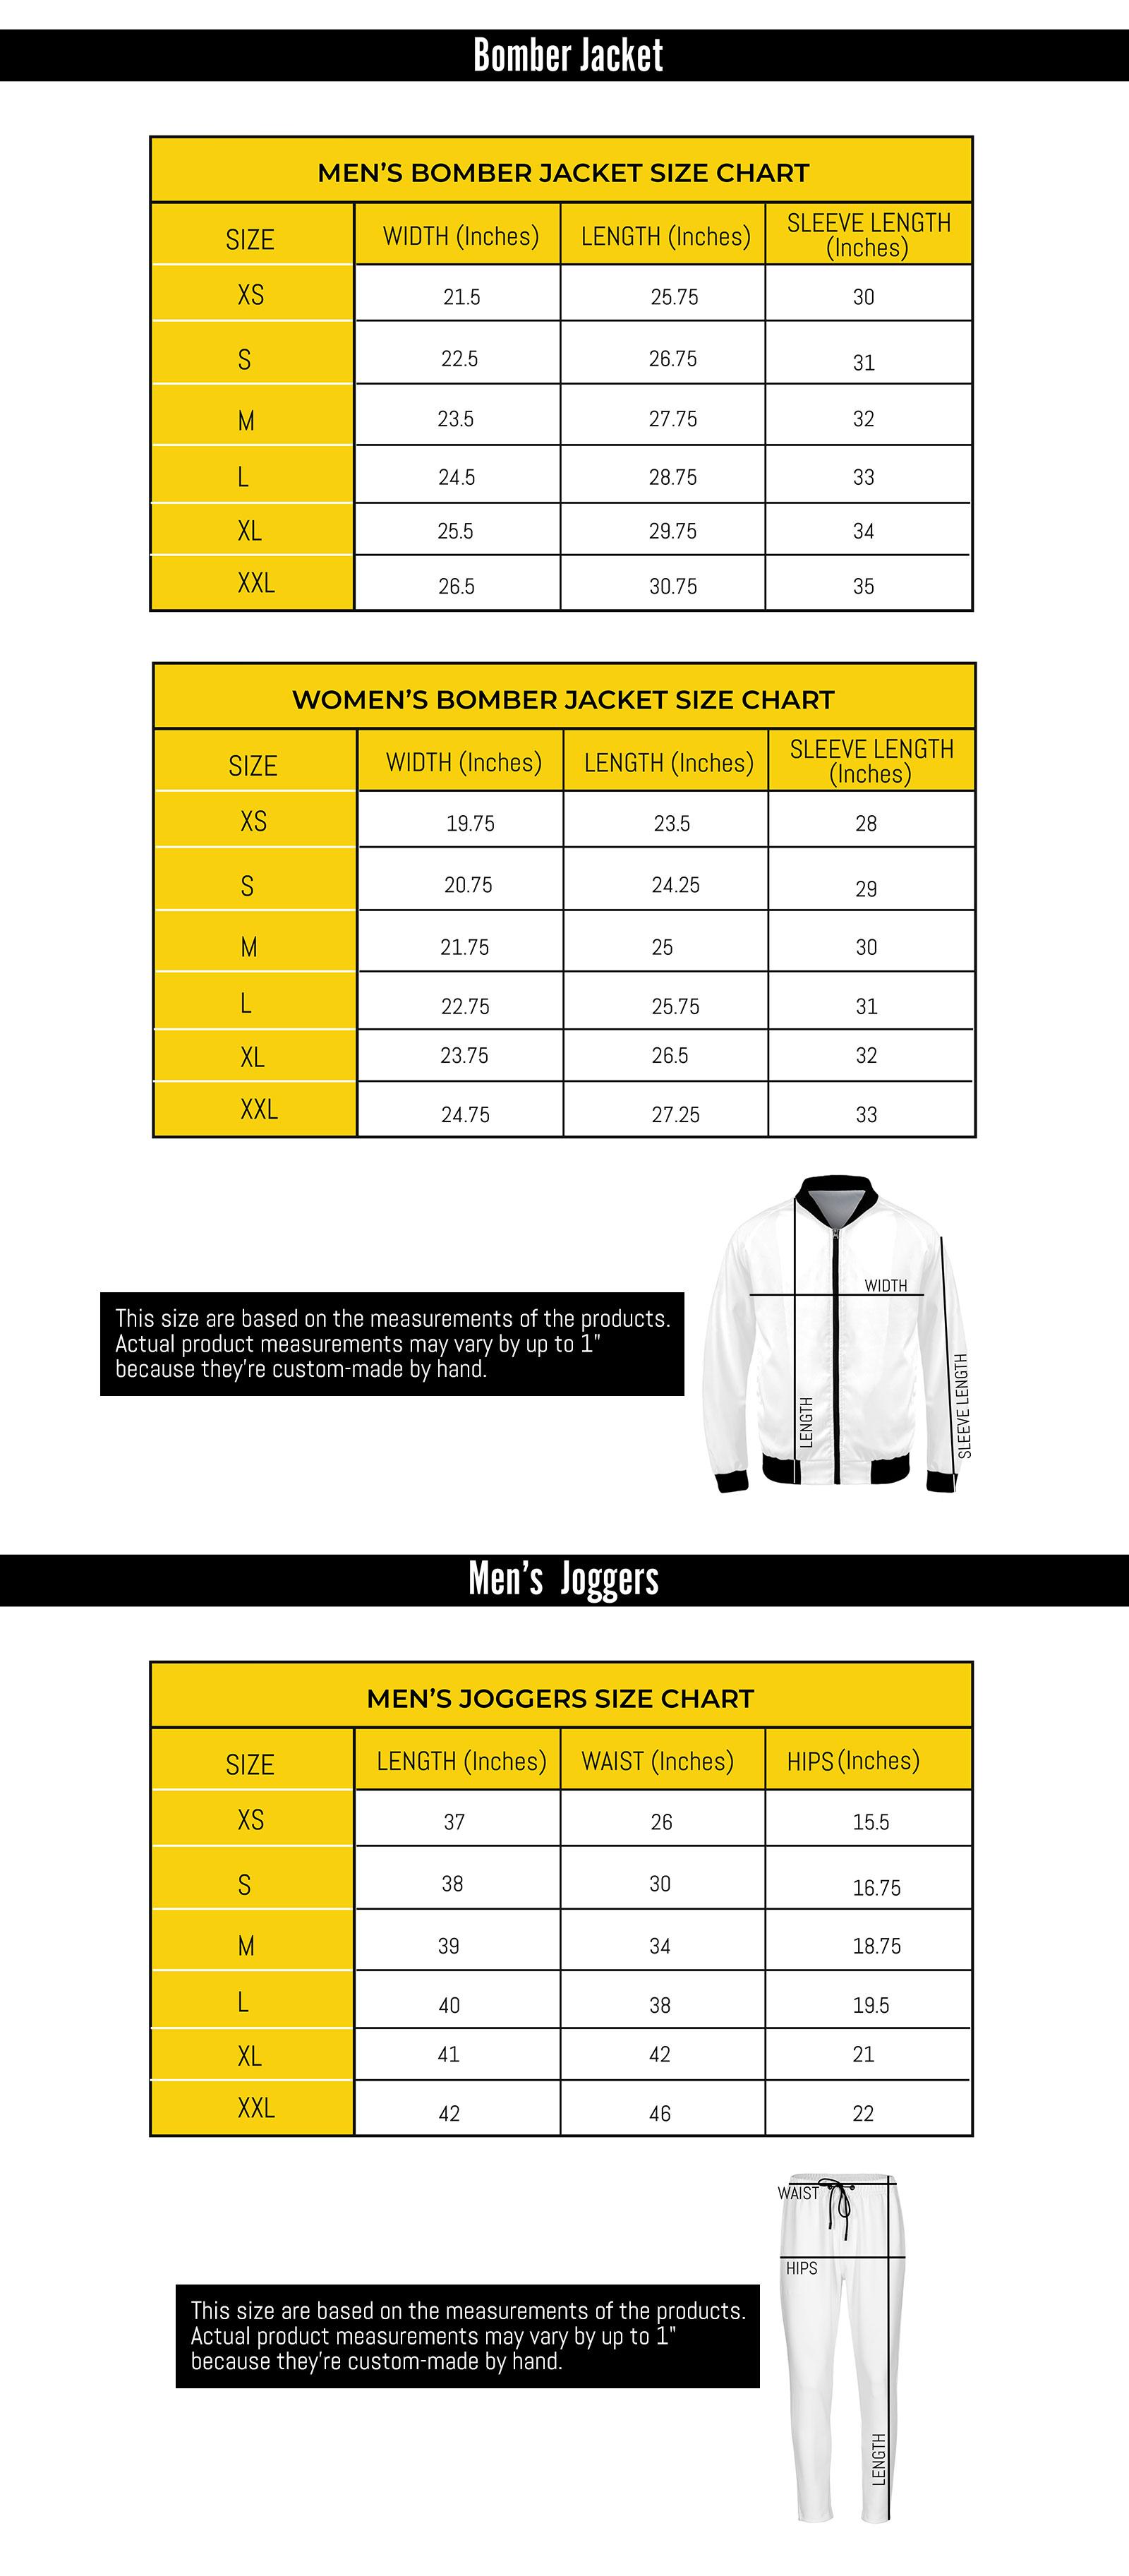 Men's bomber jacket size chart.jpg